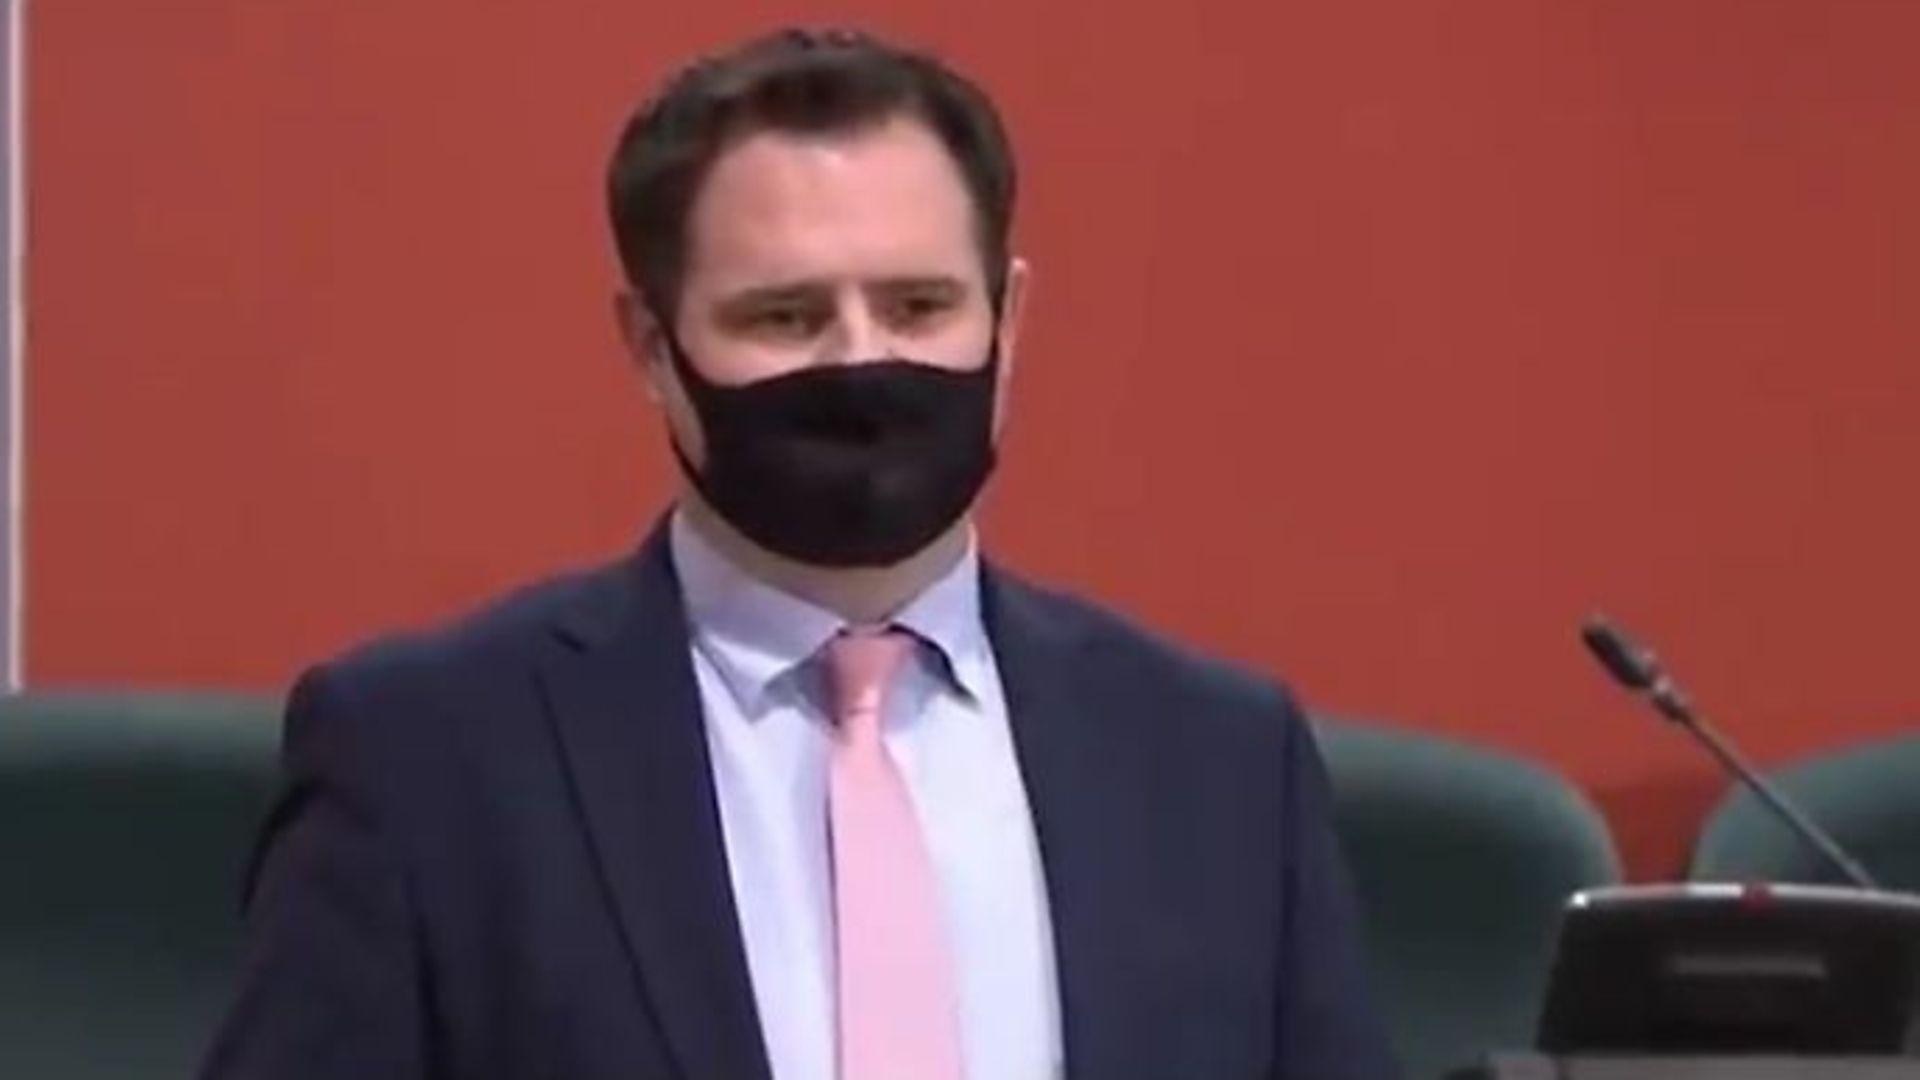 Fine Gael politician Neale Richmond in the Dáil Éireann - Credit: Twitter